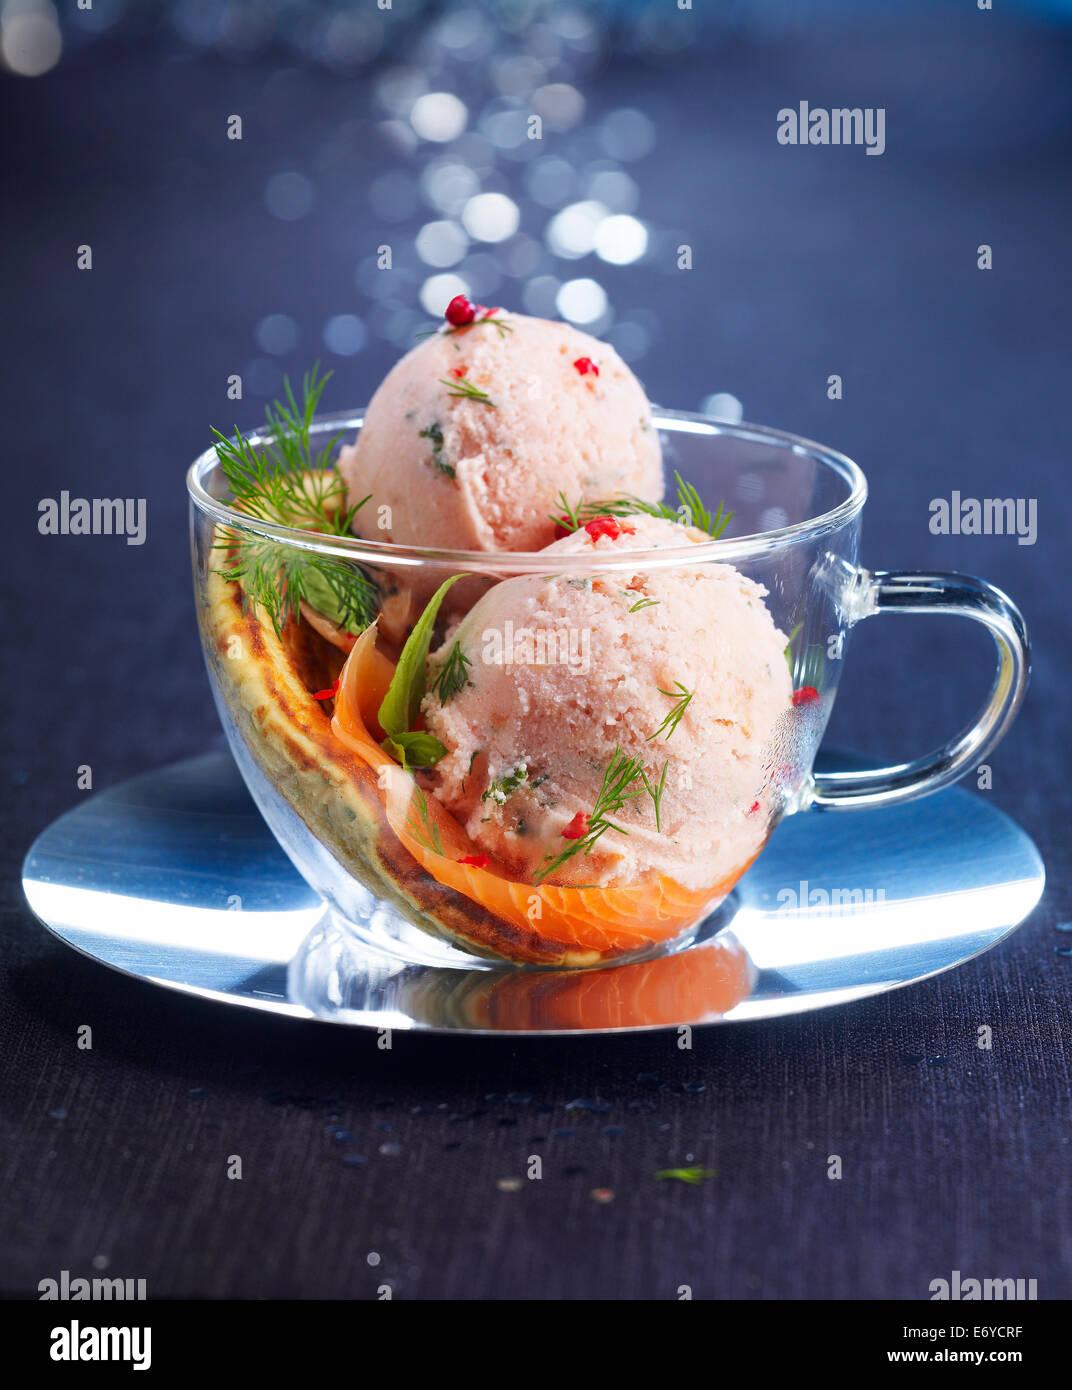 Salmon ice cream - Stock Image